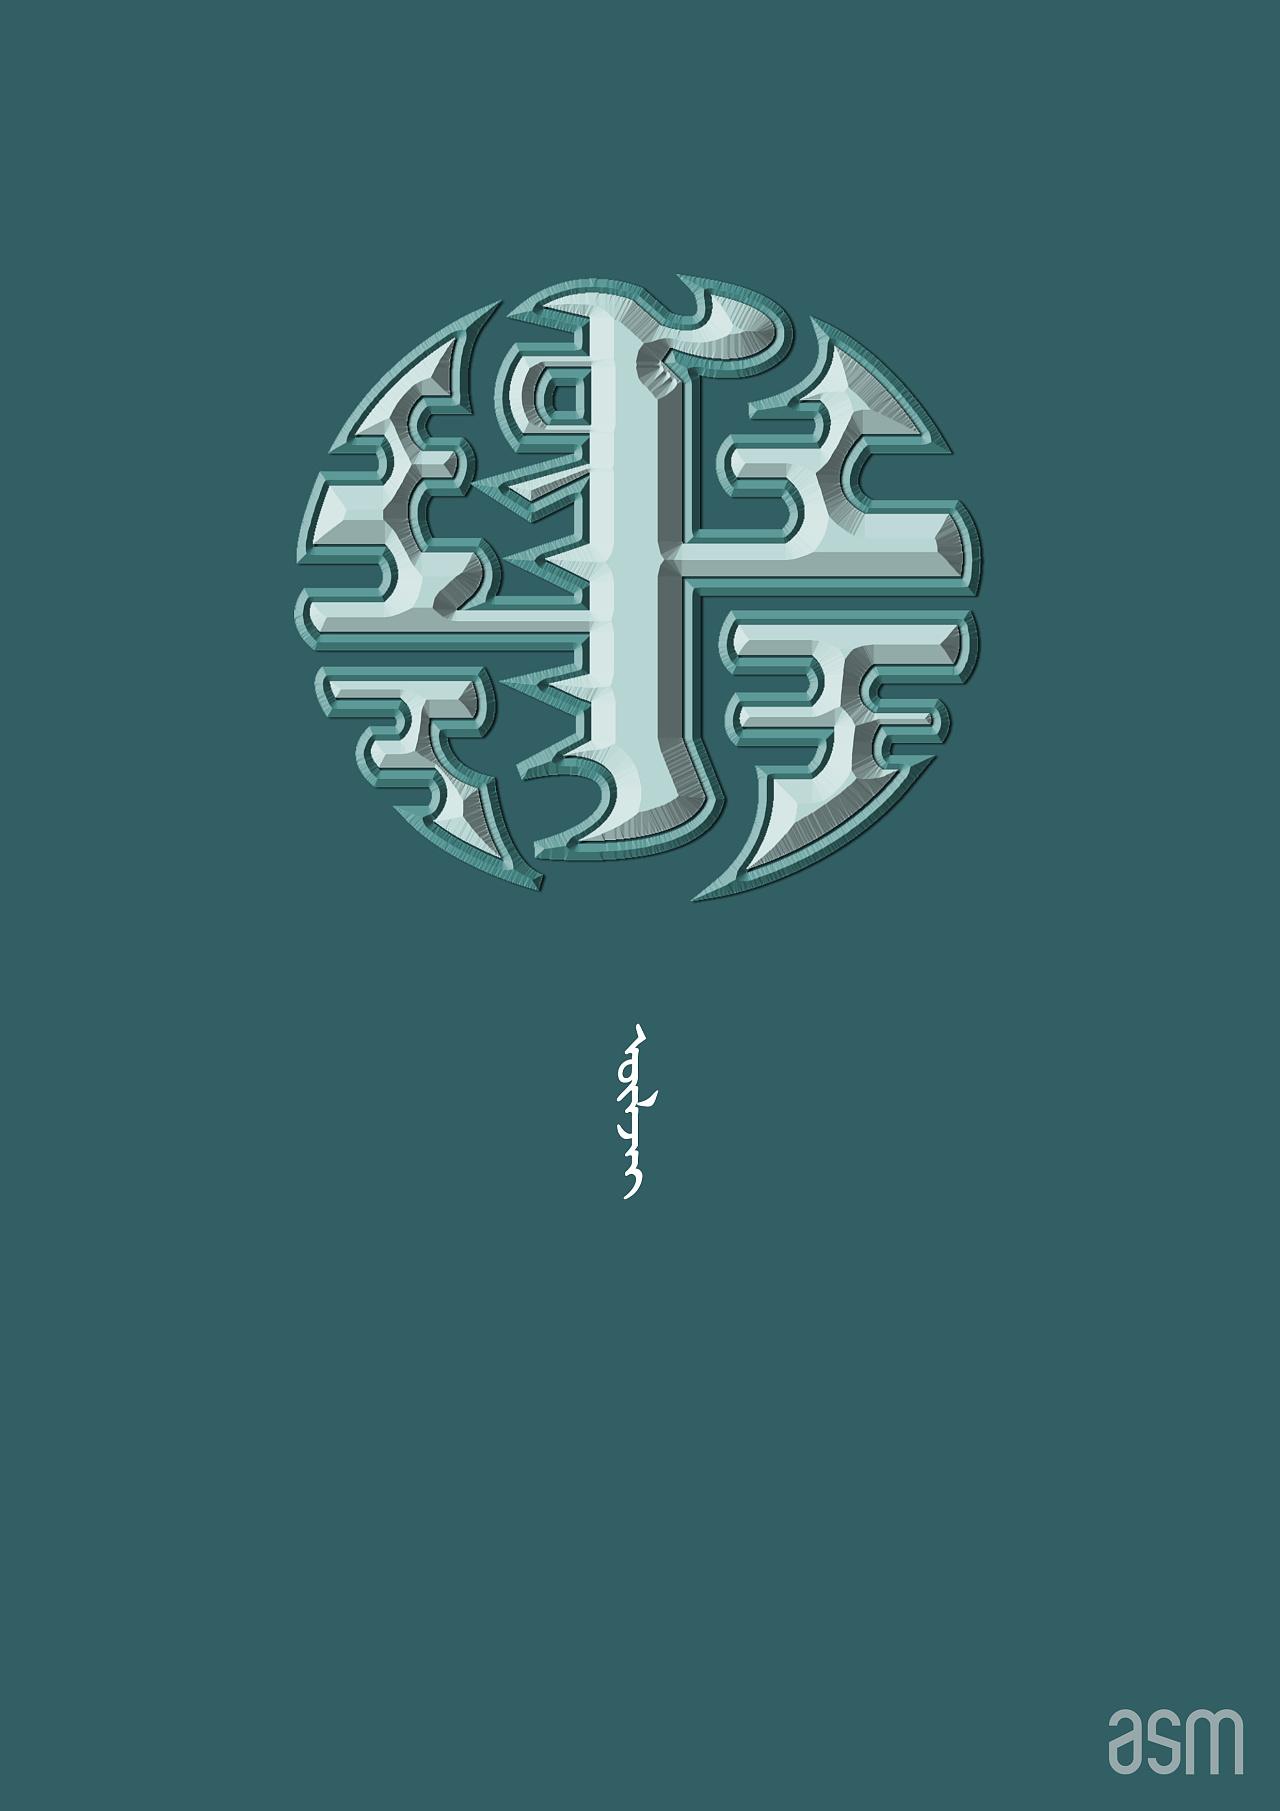 蒙古艺术文字 -阿斯玛设计 第9张